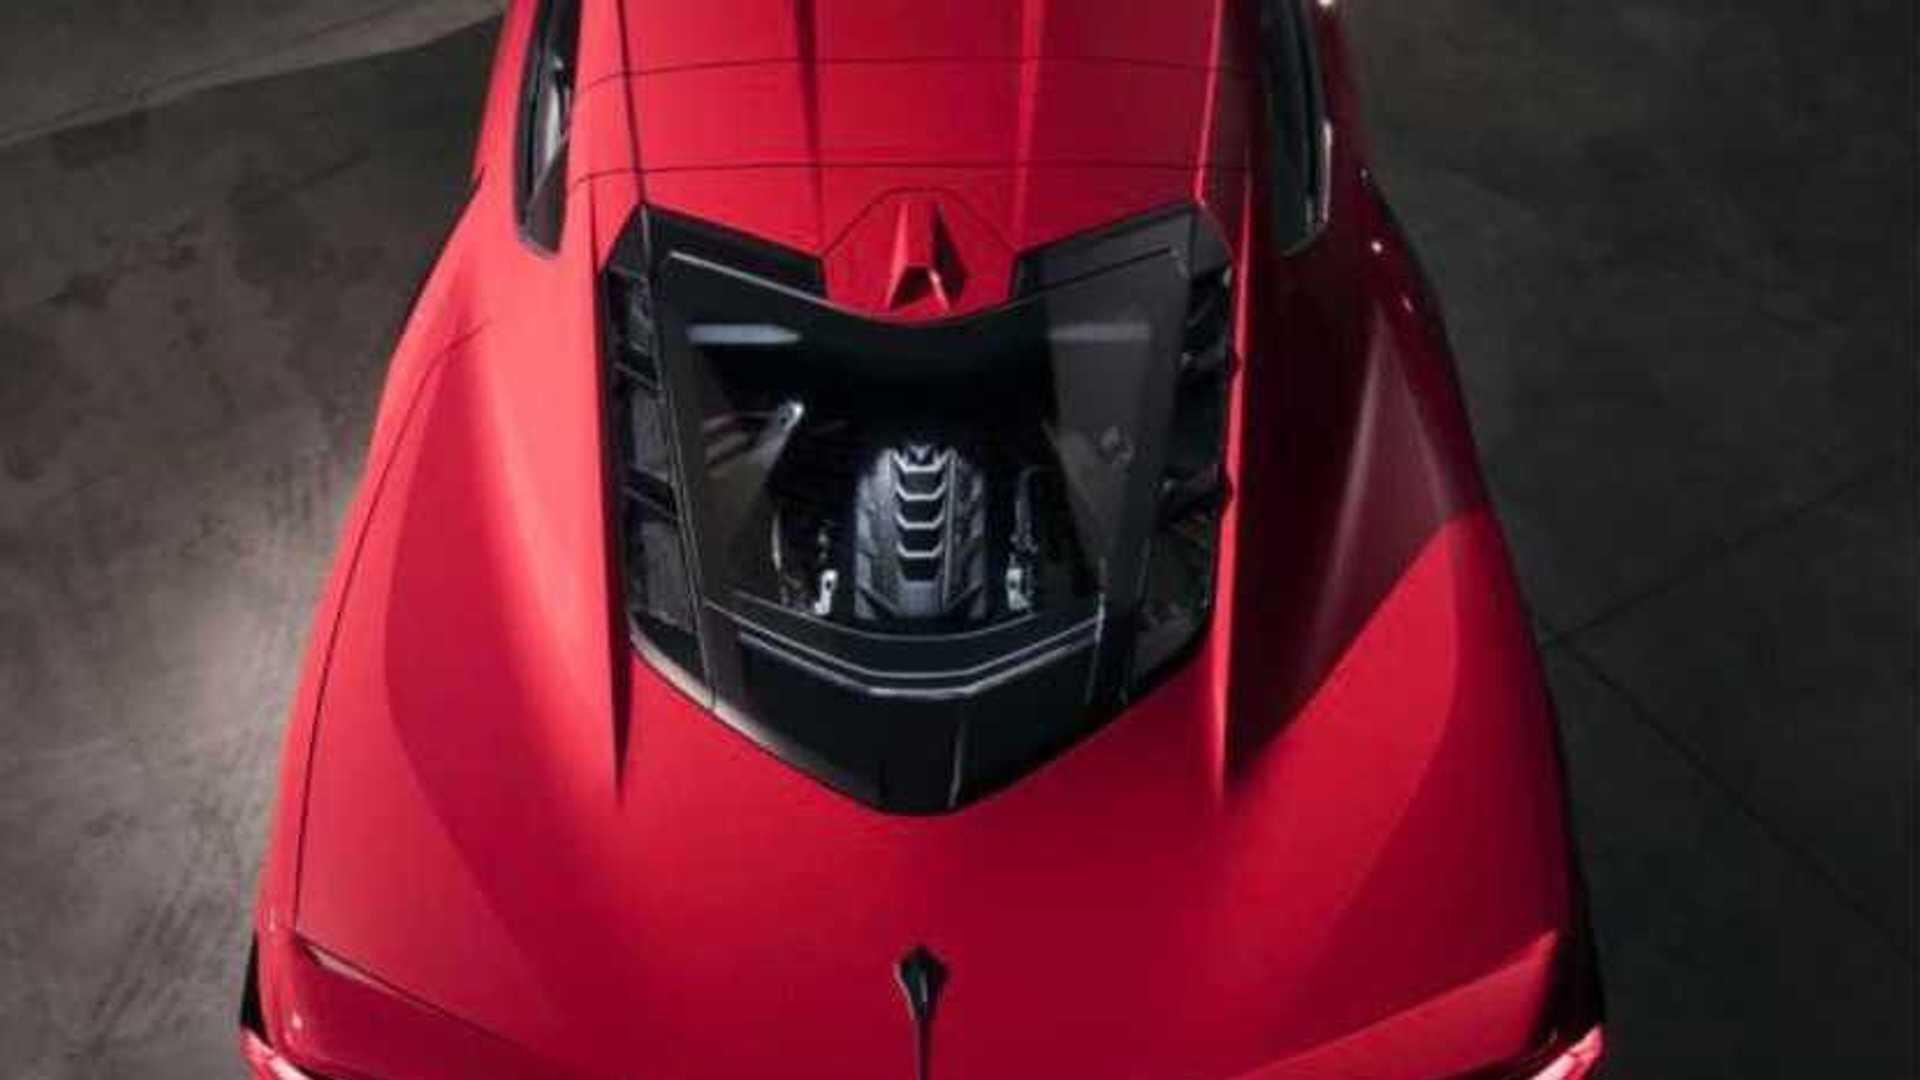 https://cdn.dailyxe.com.vn/image/chevrolet-corvette-2020-co-mot-so-tinh-nang-an-tuyet-voi-45-94564j2.jpg